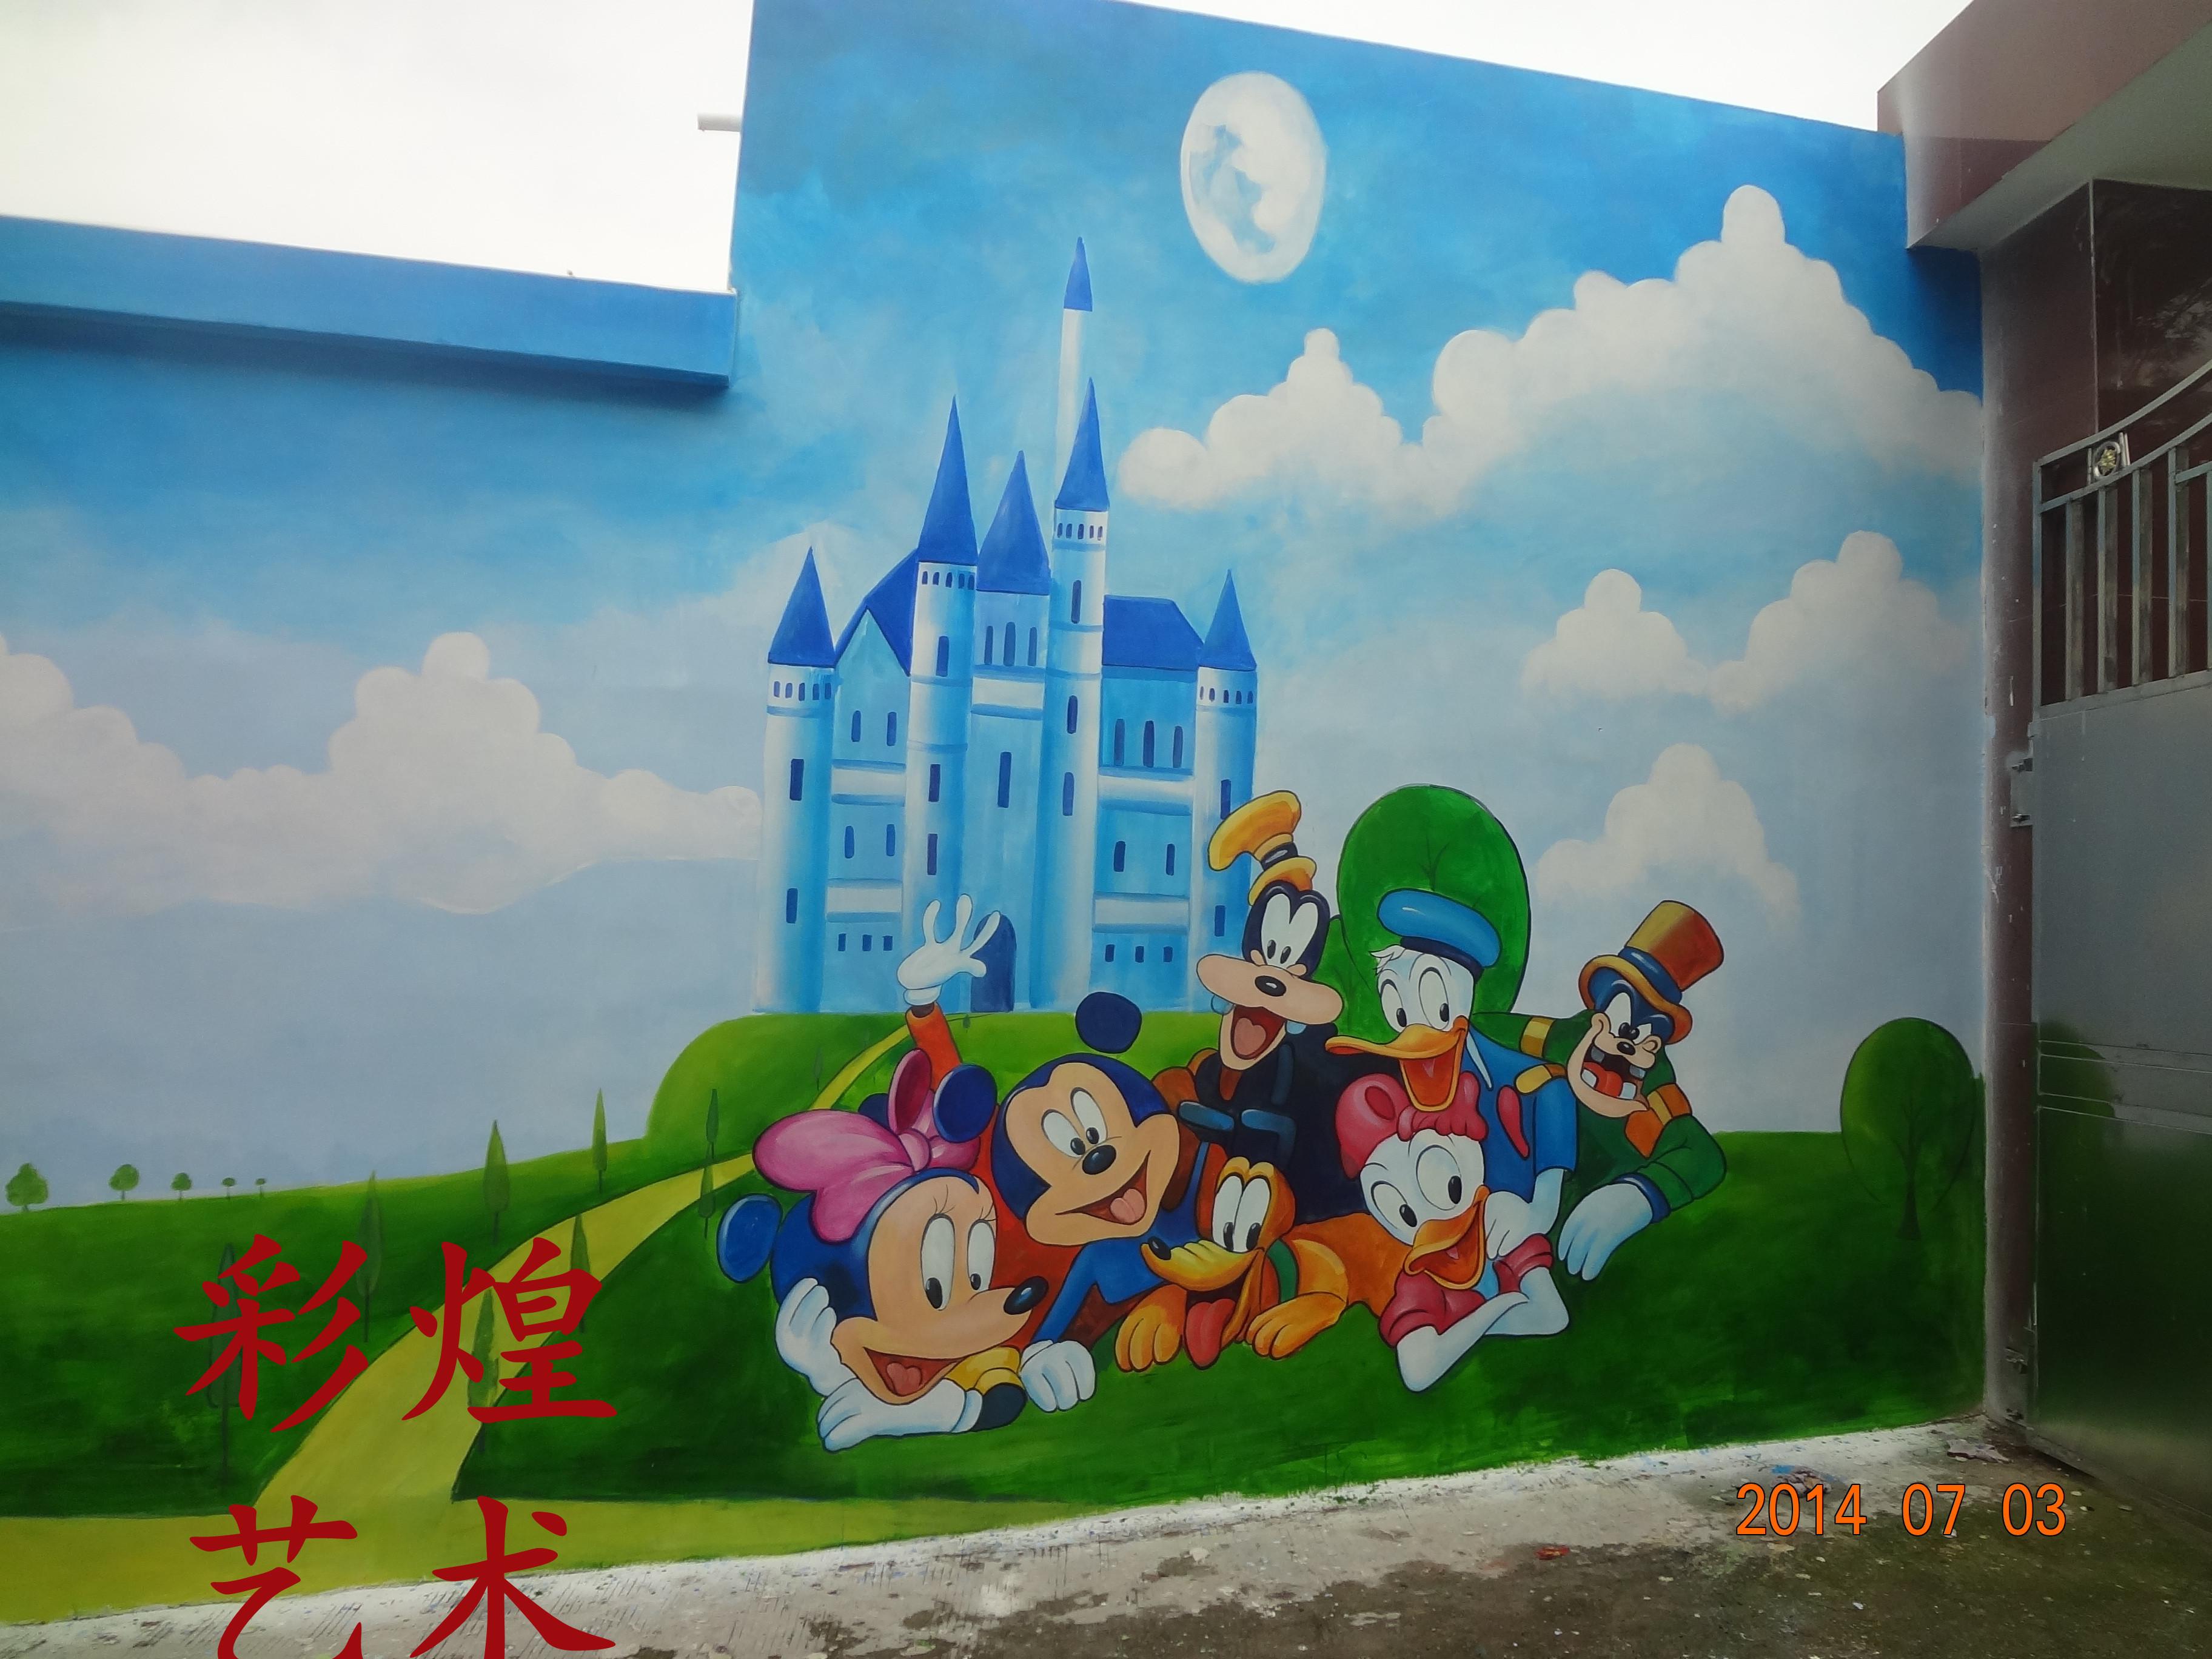 贵阳幼儿园手绘墙画卡通漫画墙体彩绘设计制作现场绘制涂鸦壁画